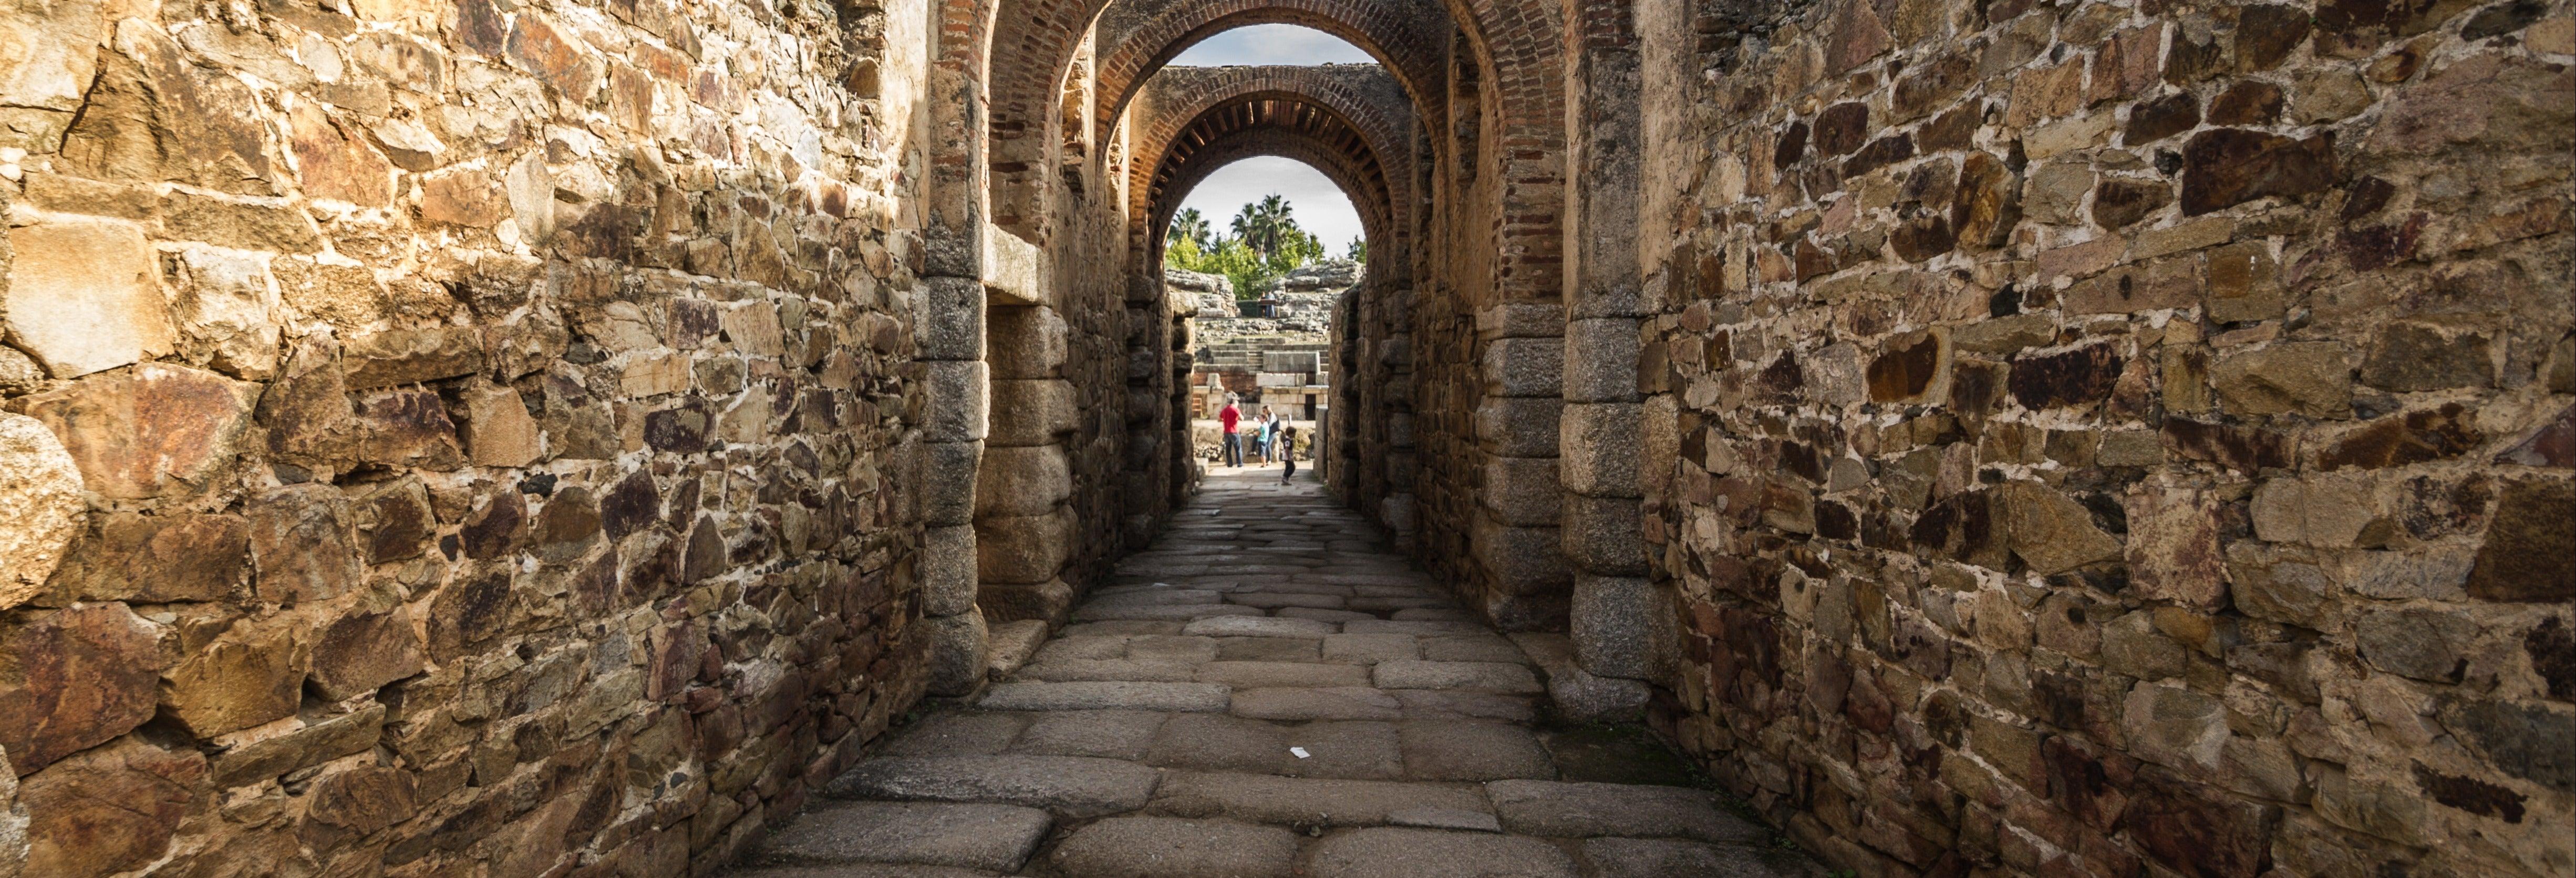 Tour de Mérida al completo con entradas